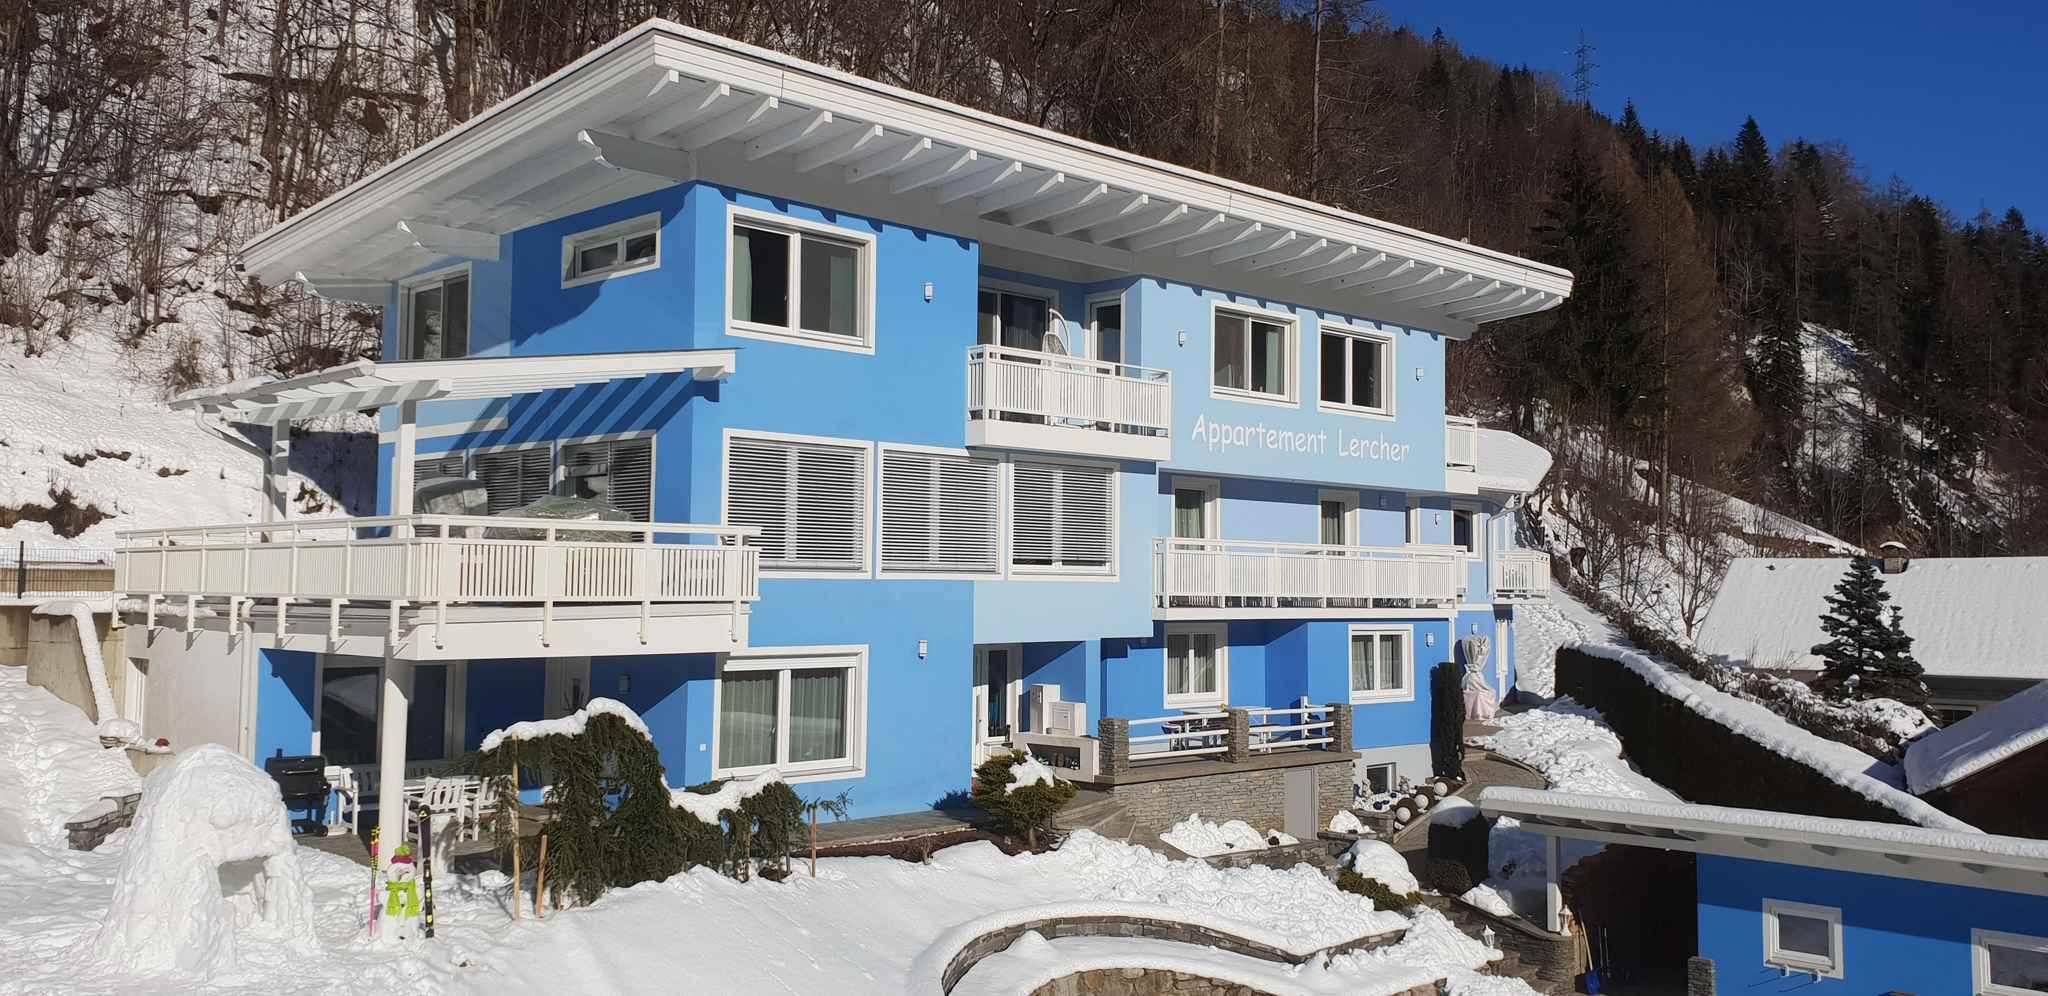 Ferienwohnung in ruhiger sonniger Lage (281292), Flattach, , Kärnten, Österreich, Bild 4